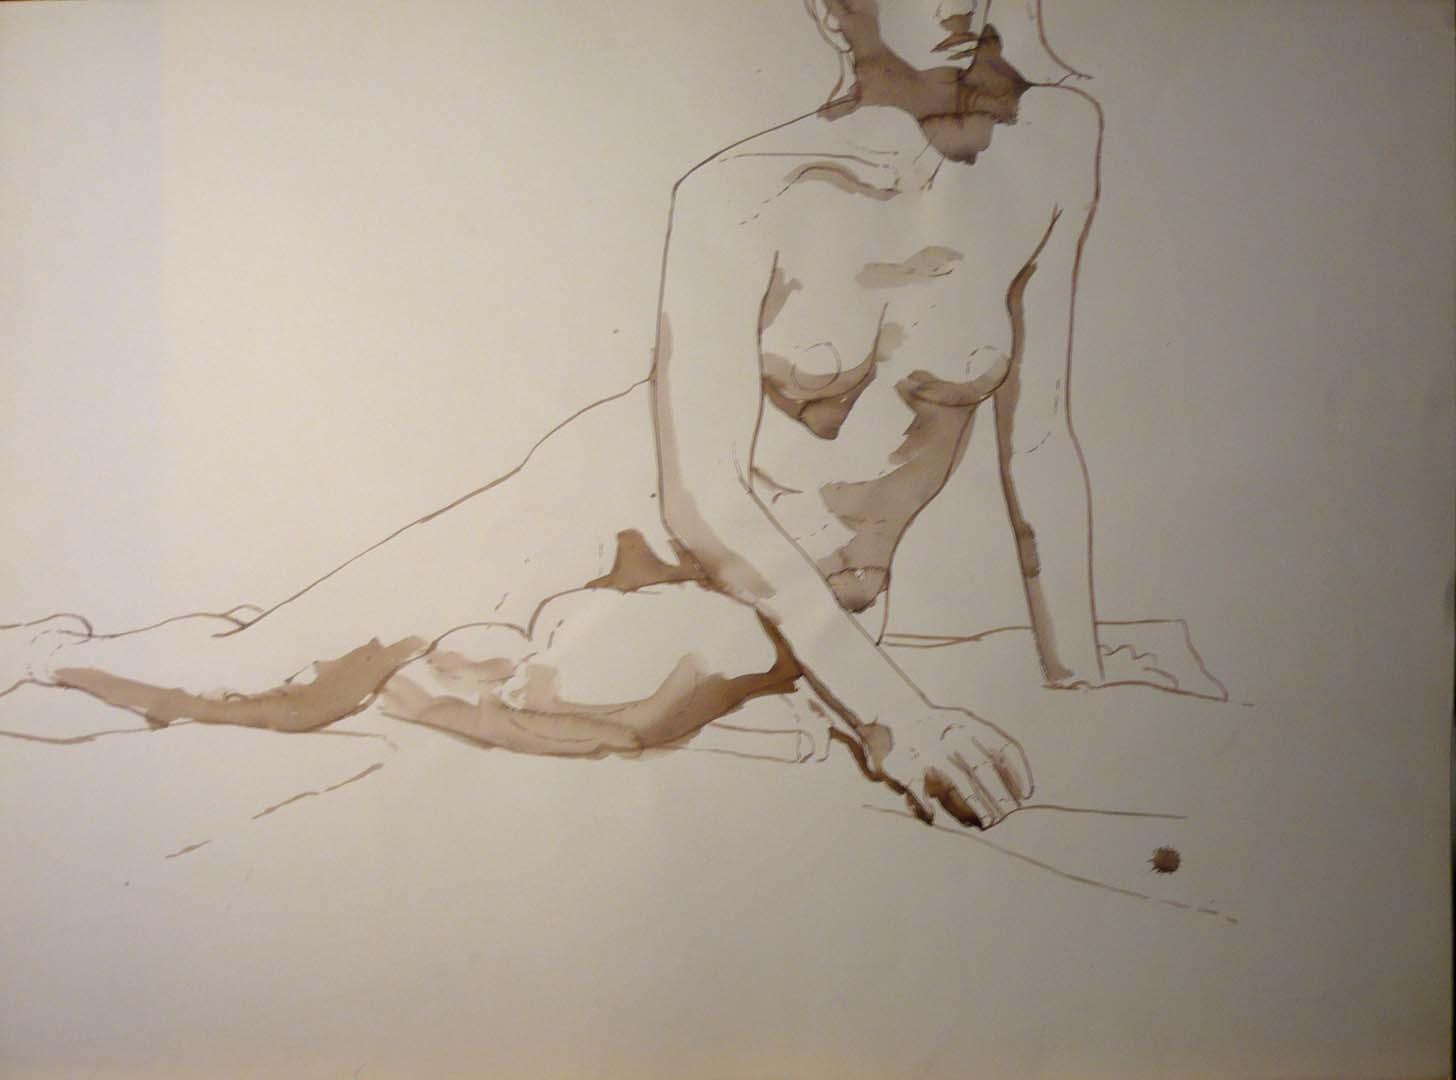 Female Model in Studio Sepia 22 x 29.875